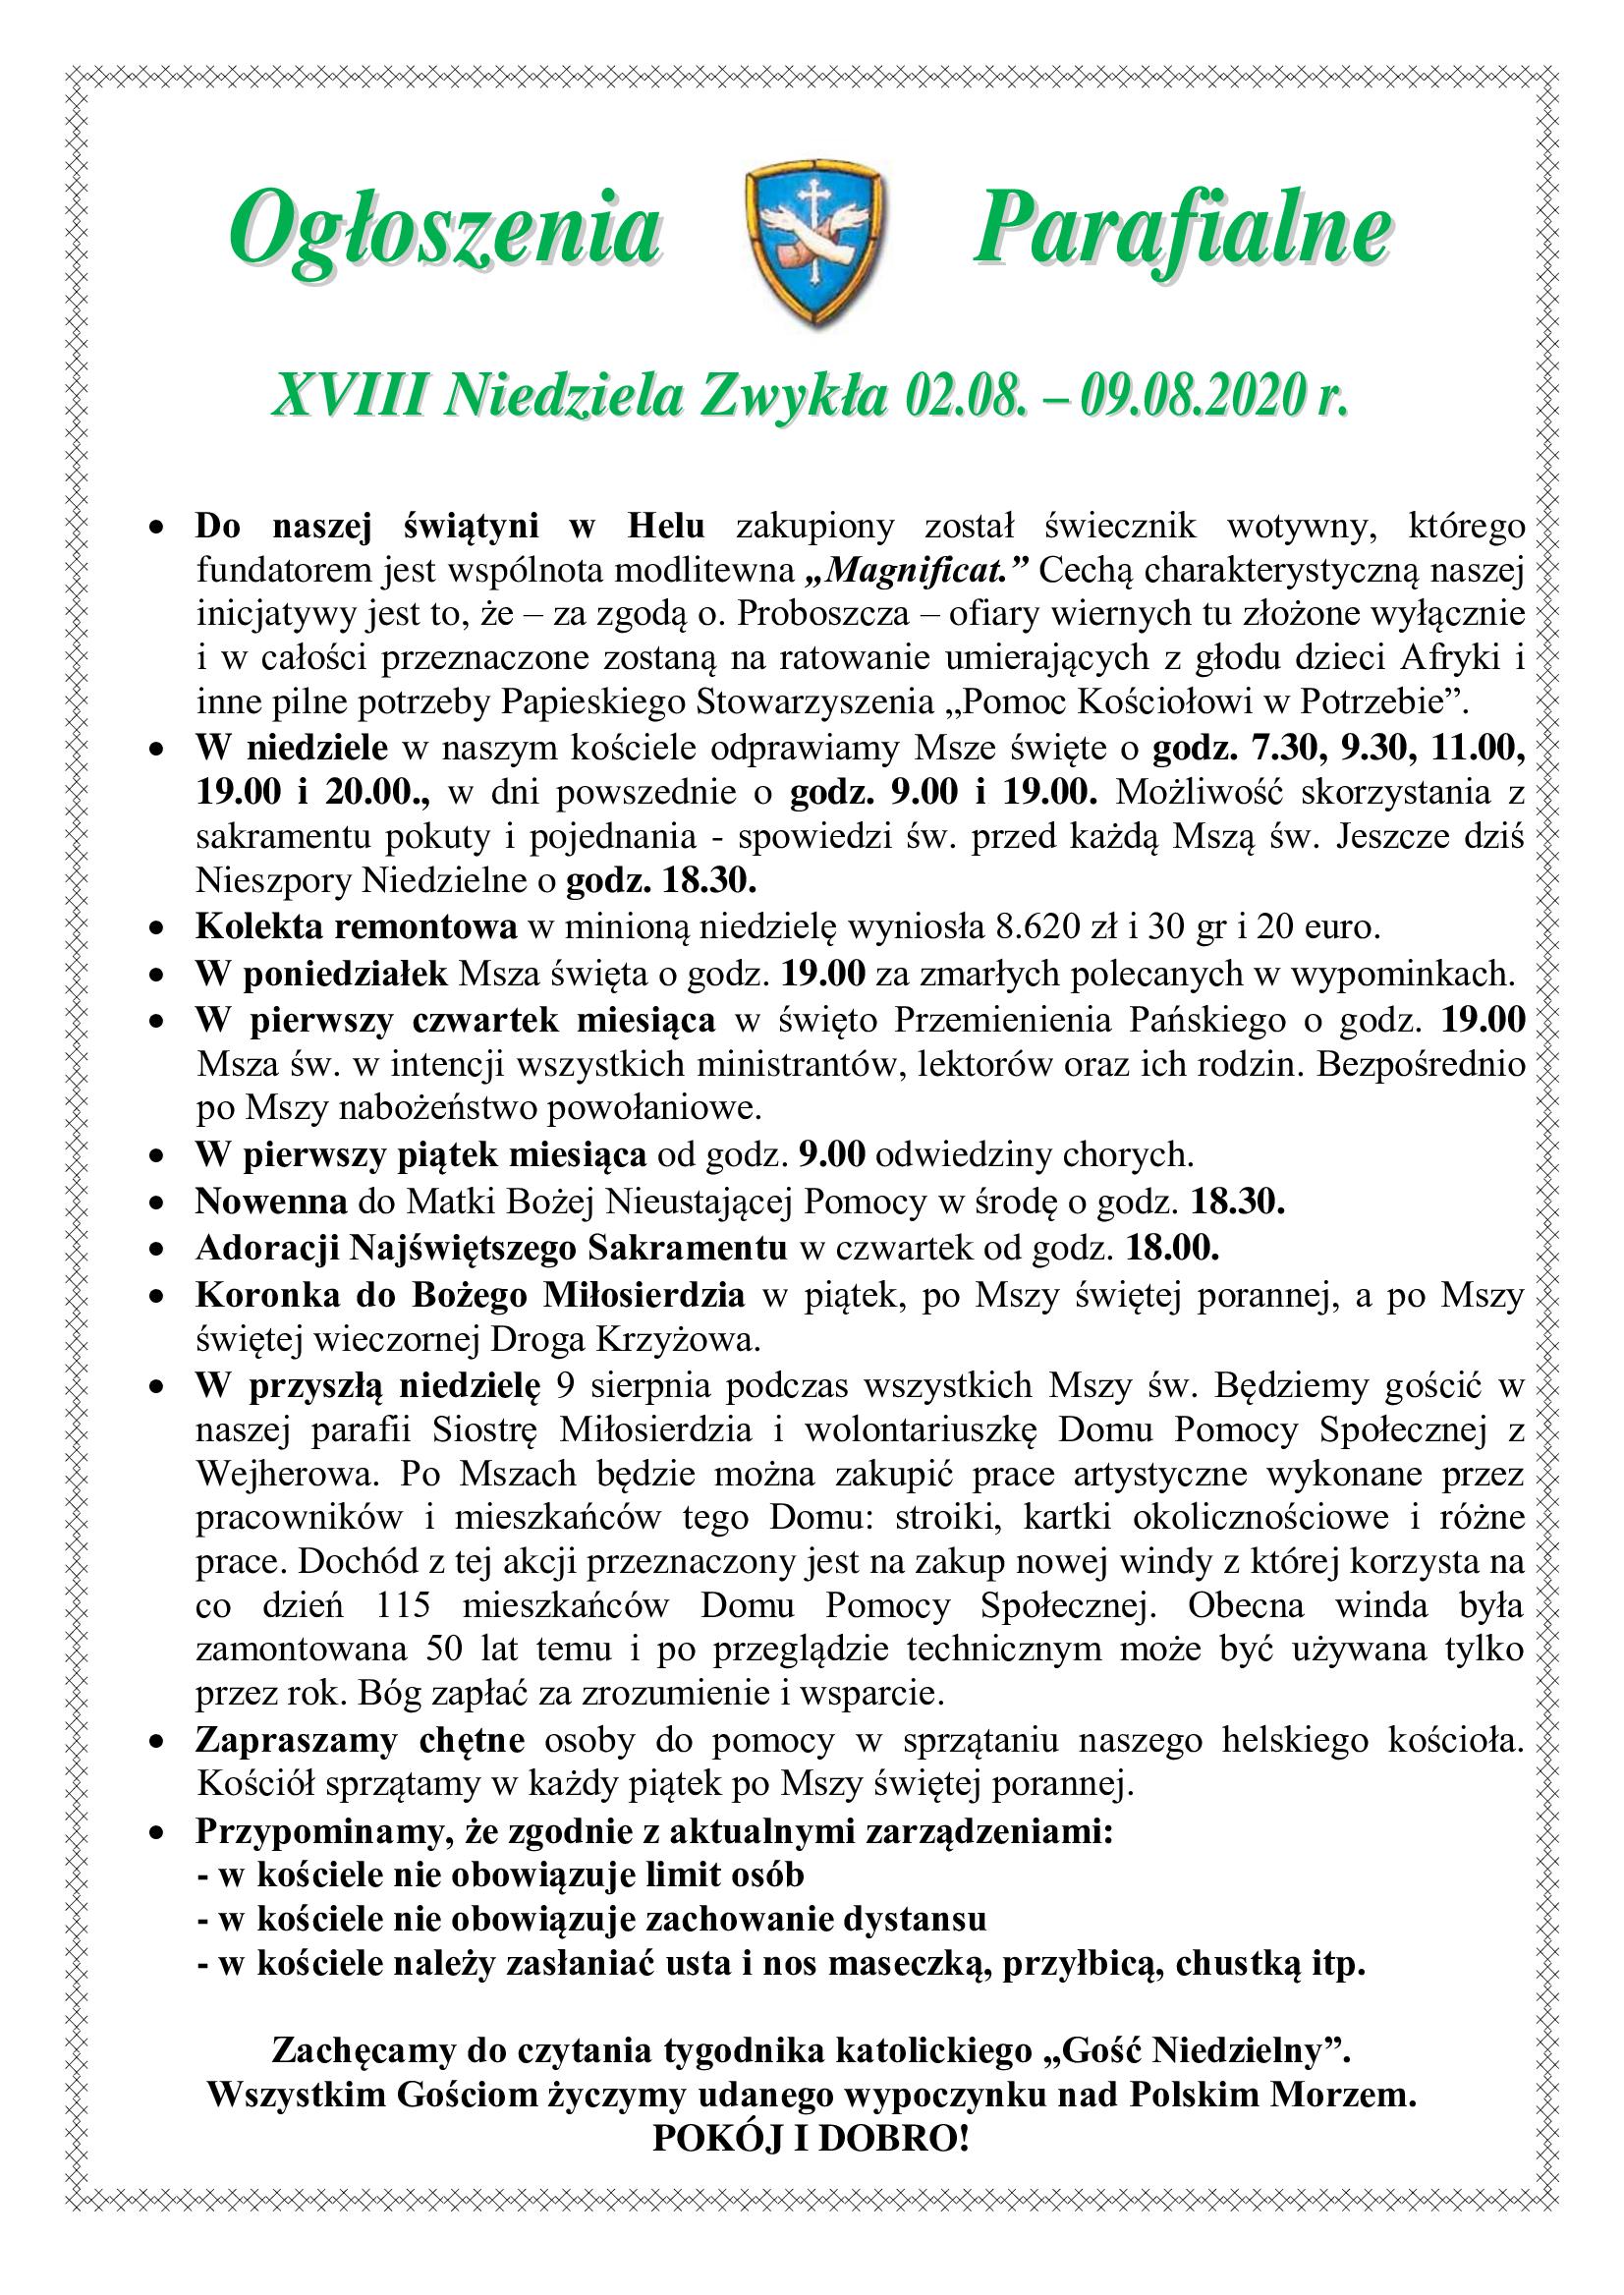 xviii-niedziela-zwykla-02-08-09-08-2020-r-_1